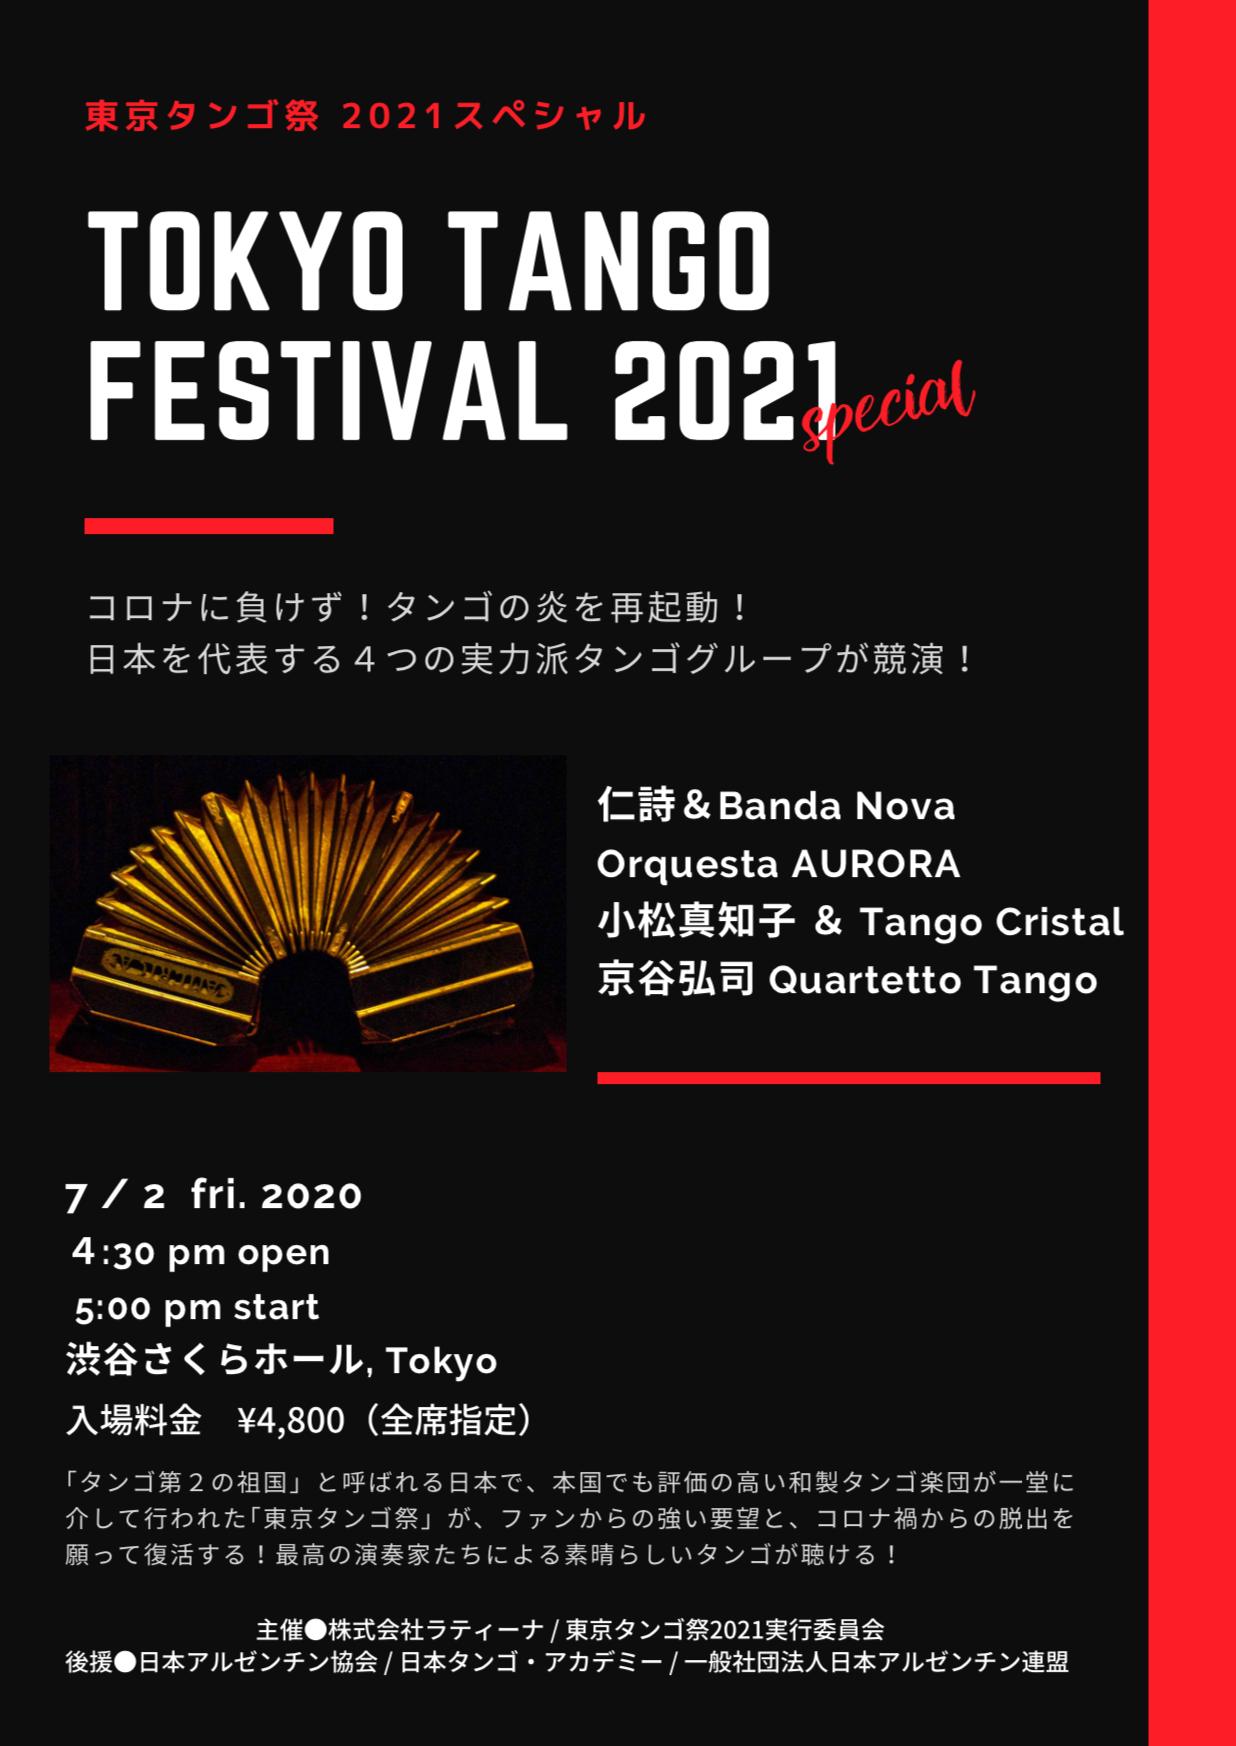 東京タンゴ祭 2021 スペシャル